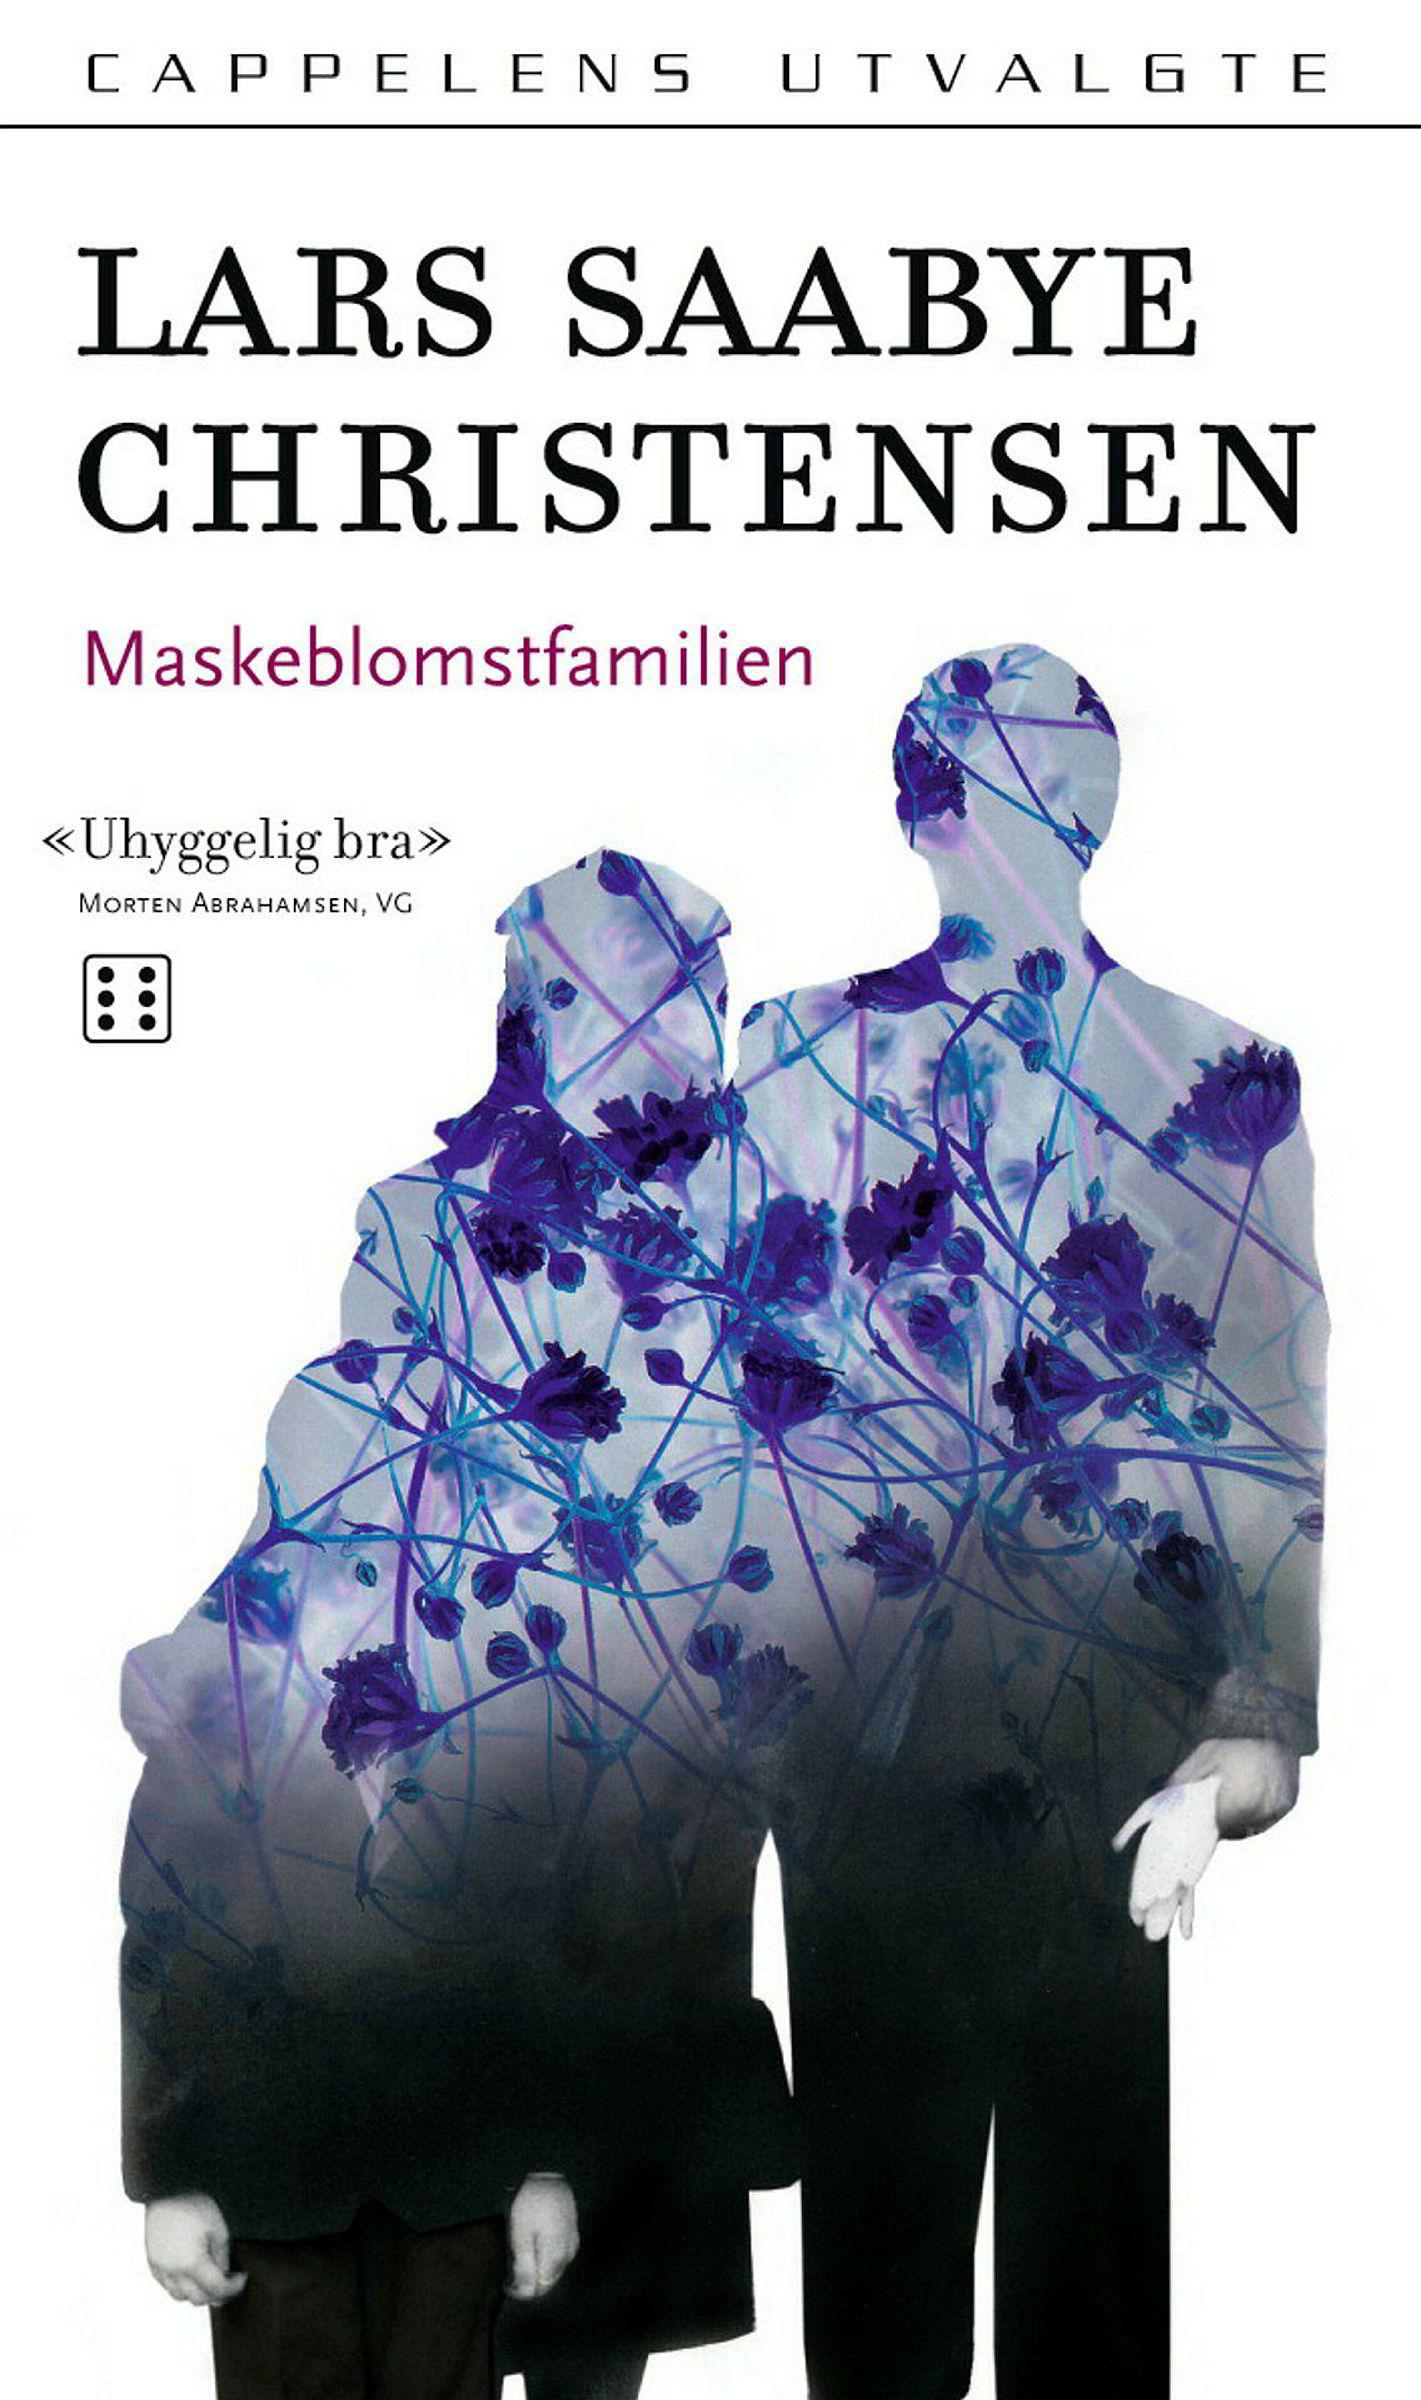 «Maskeblomstfamilien» av Lars Saabye Christensen.